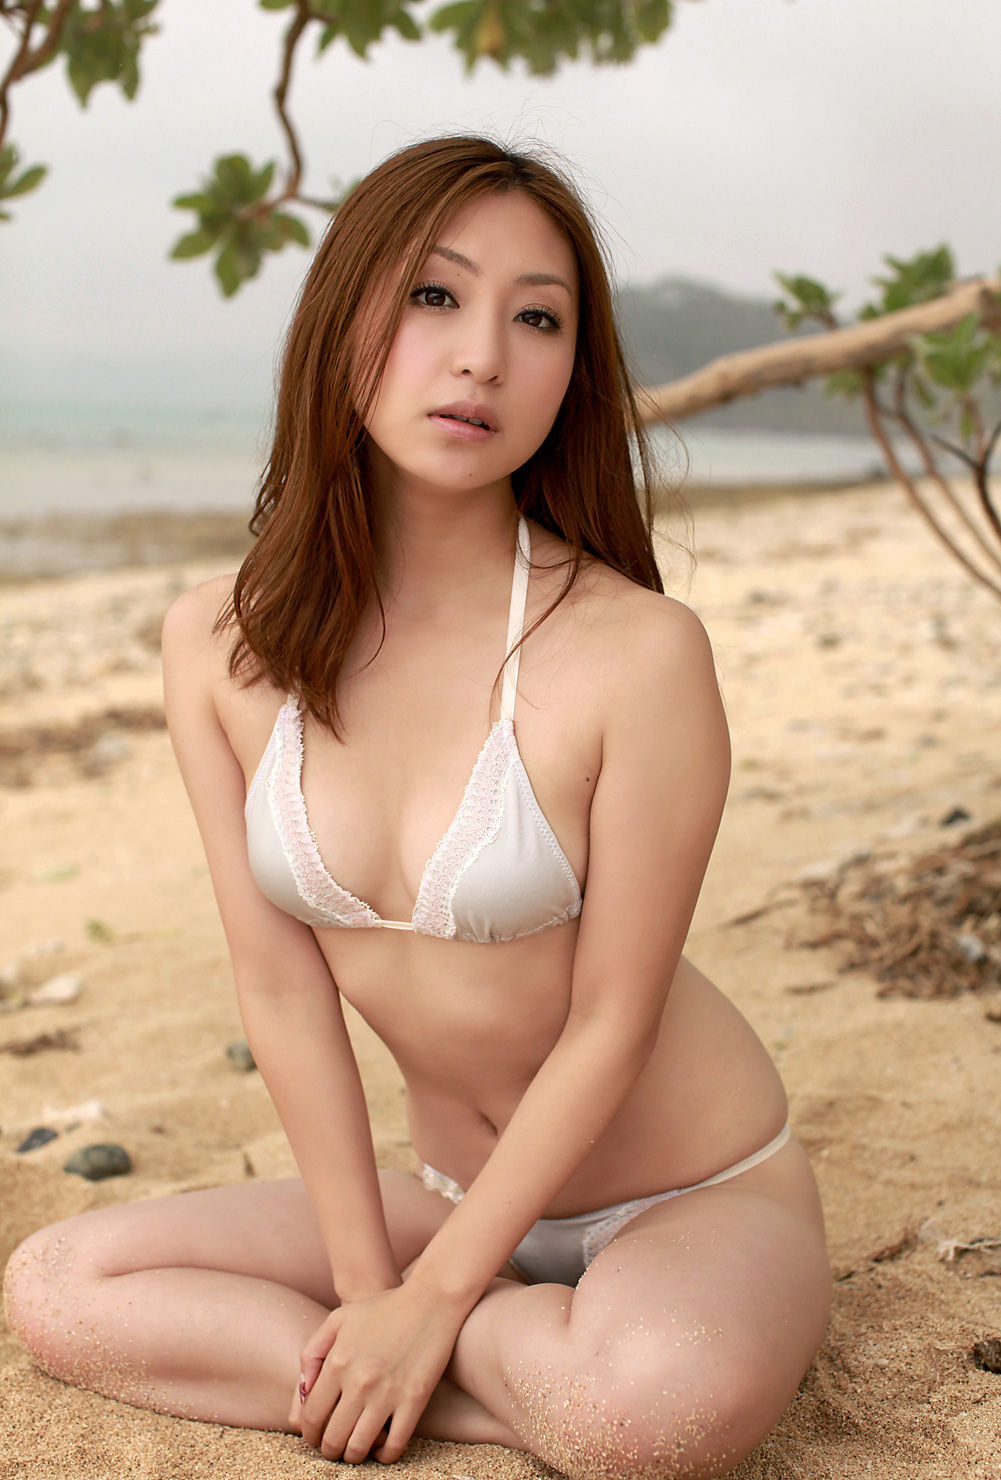 辰巳奈都子 画像 78